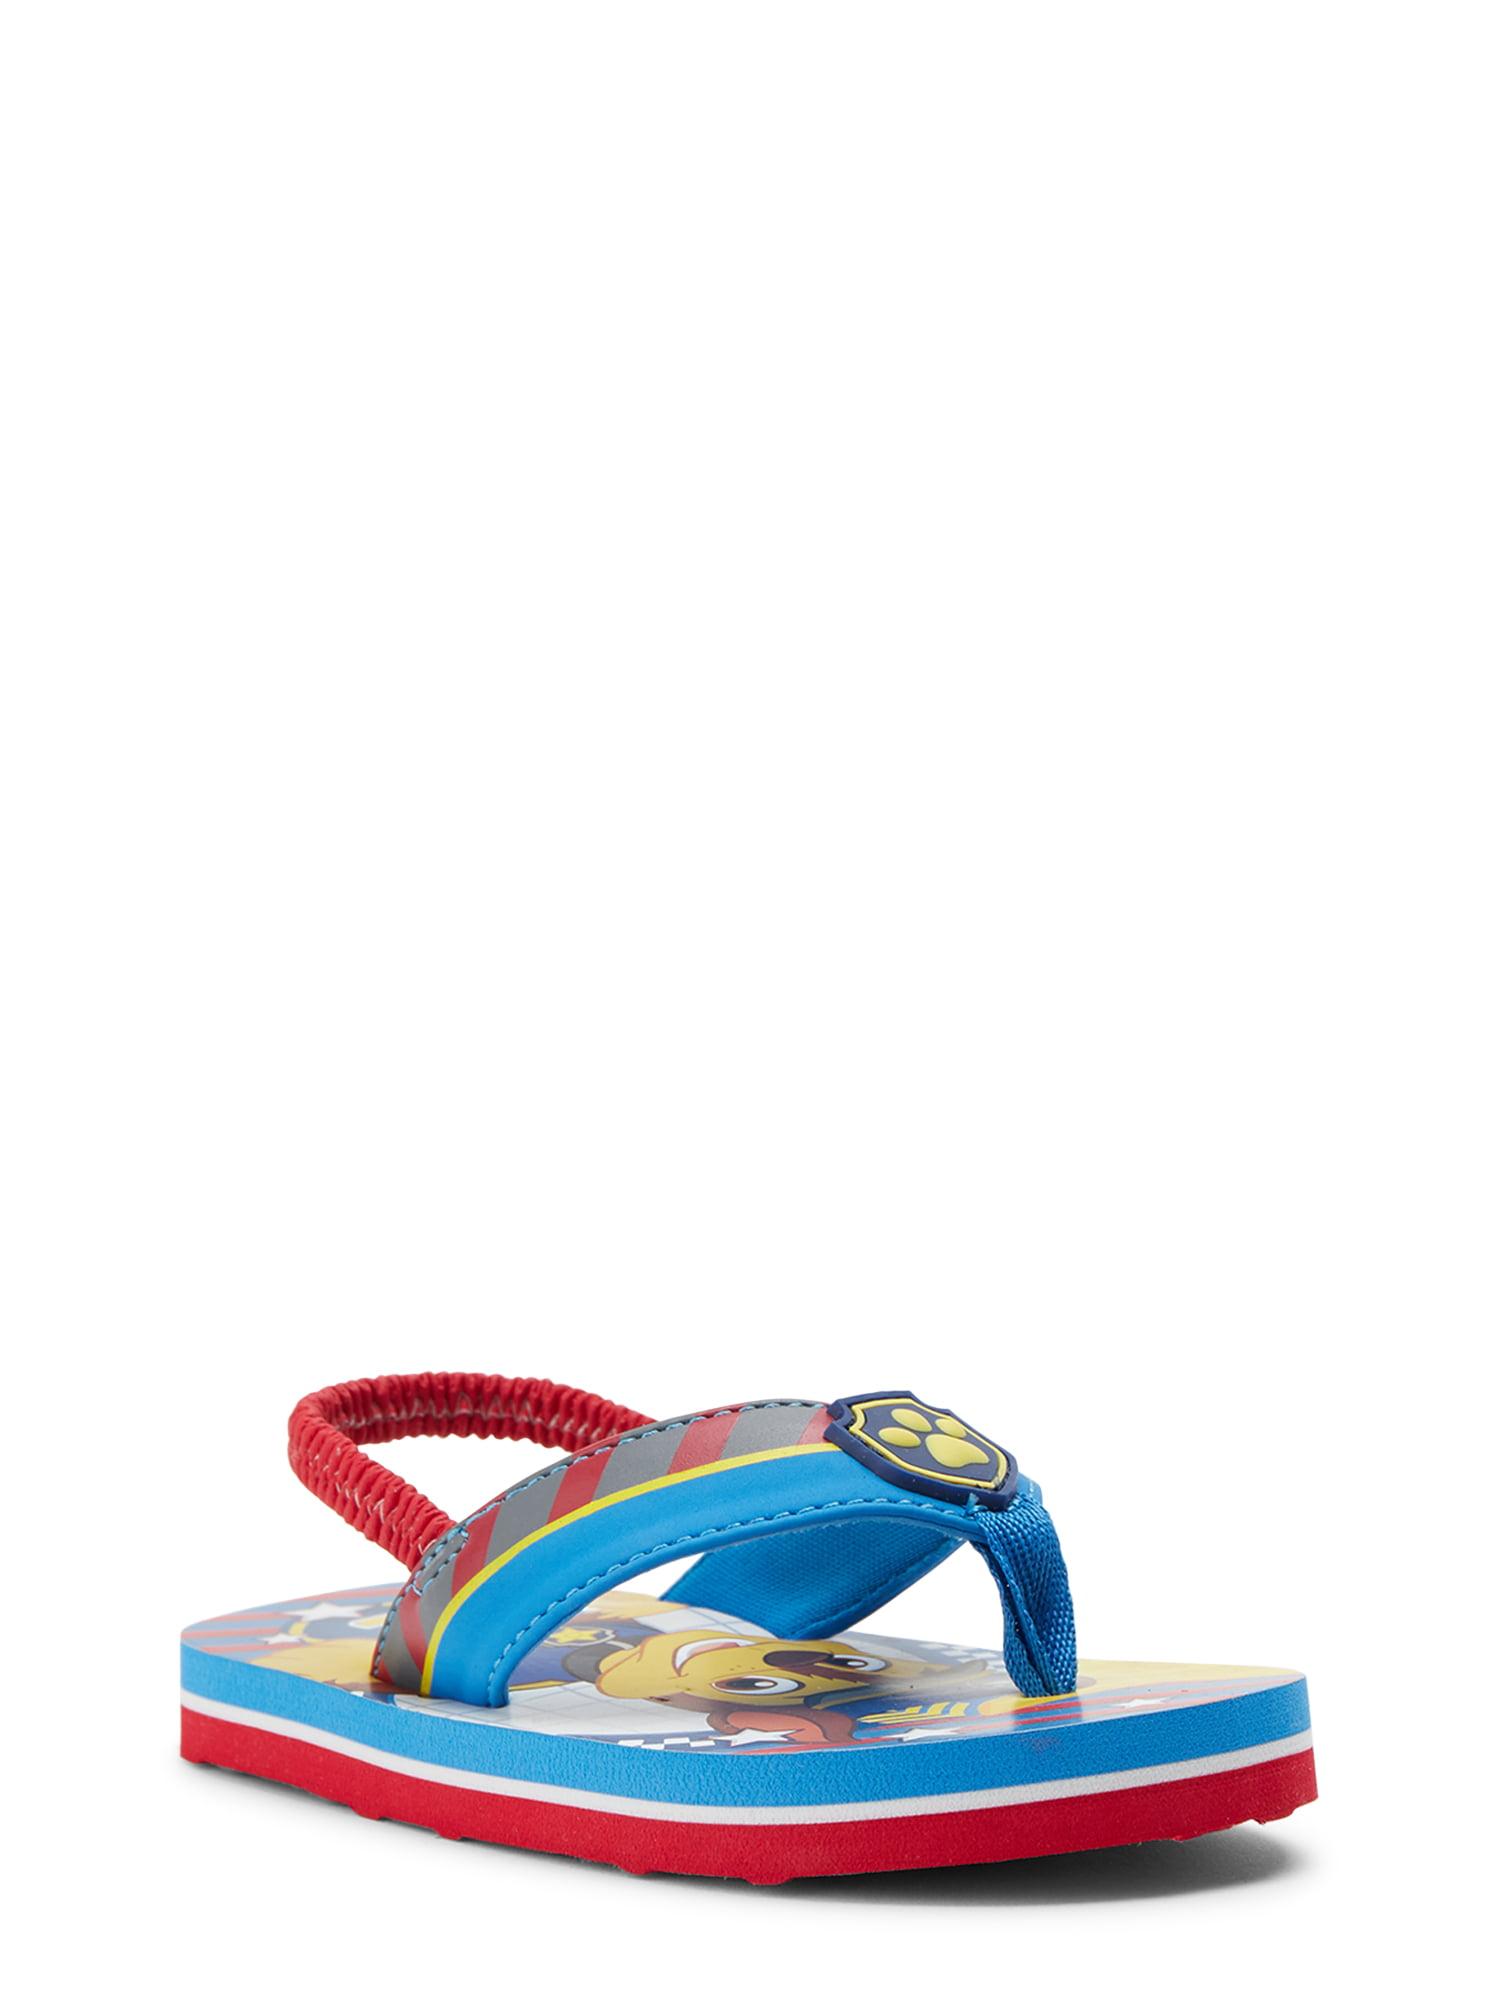 baby flip flops walmart